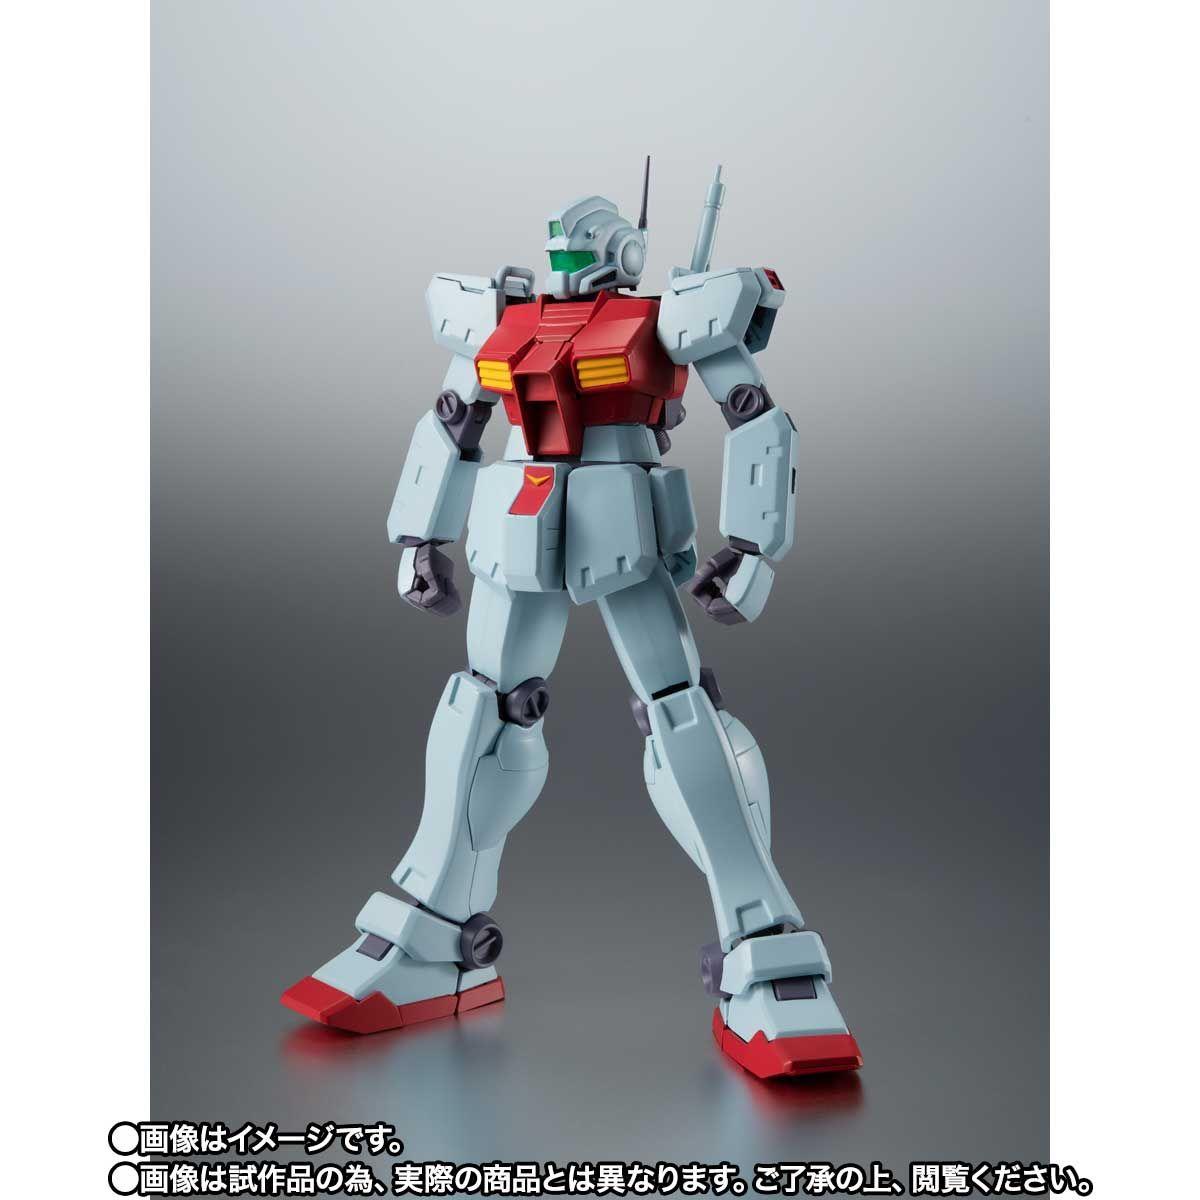 【限定販売】ROBOT魂〈SIDE MS〉『RGM-79C ジム改 宇宙戦仕様 ver. A.N.I.M.E.』ガンダム0083 可動フィギュア-002